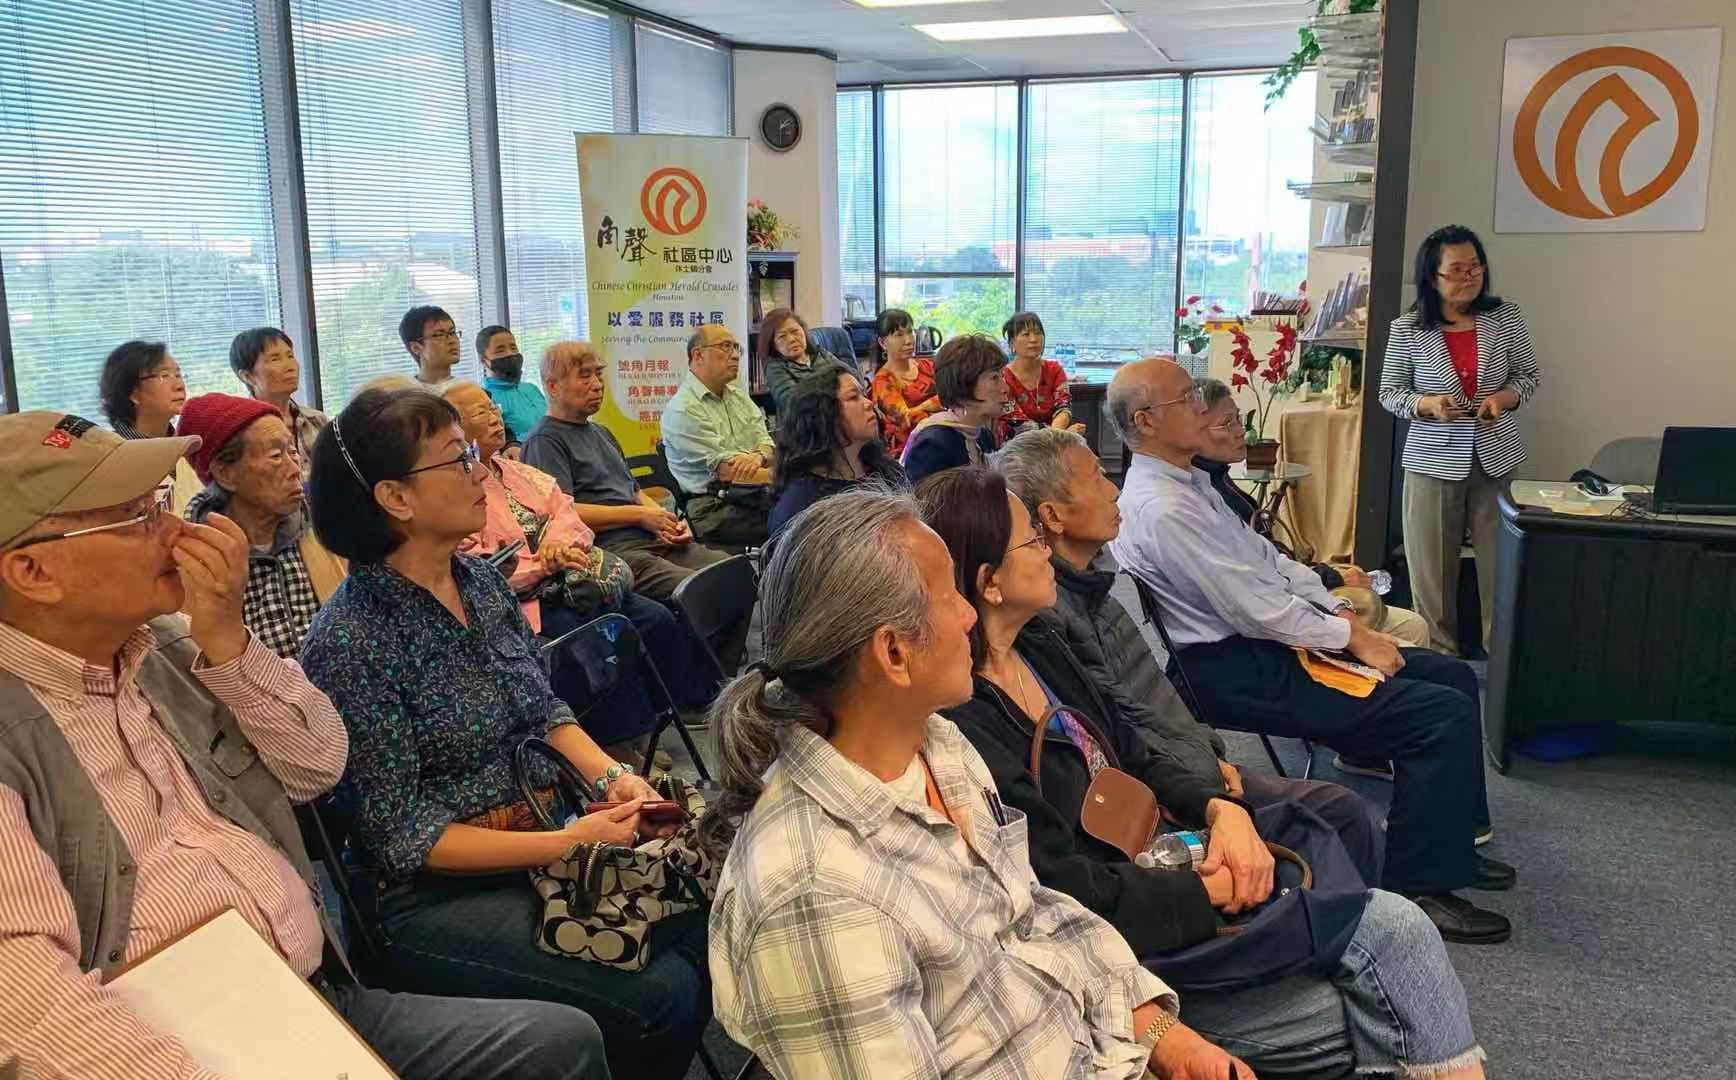 角聲社區中心邀請曾惠蘭女士為民眾解答保險問題。(圖,曾惠蘭提供)